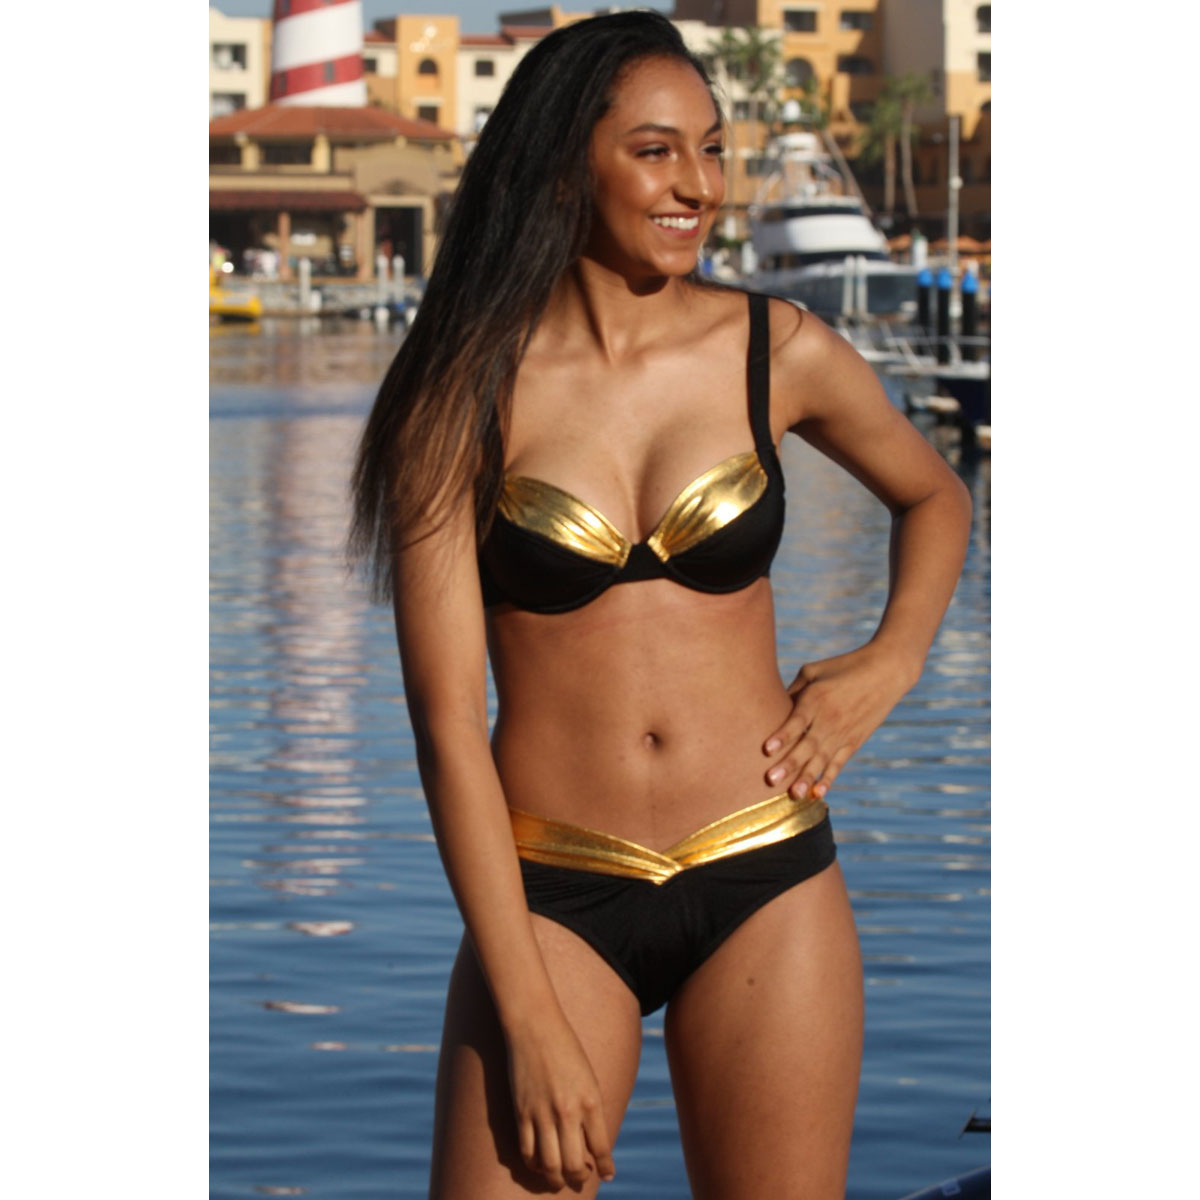 海外ブランド 水着 ビキニ ブラック&ゴールド ワイドストラップ アンダーワイヤー ブラトップ V字フロント&バック ボトム 海外旅行 ハワイ リゾート